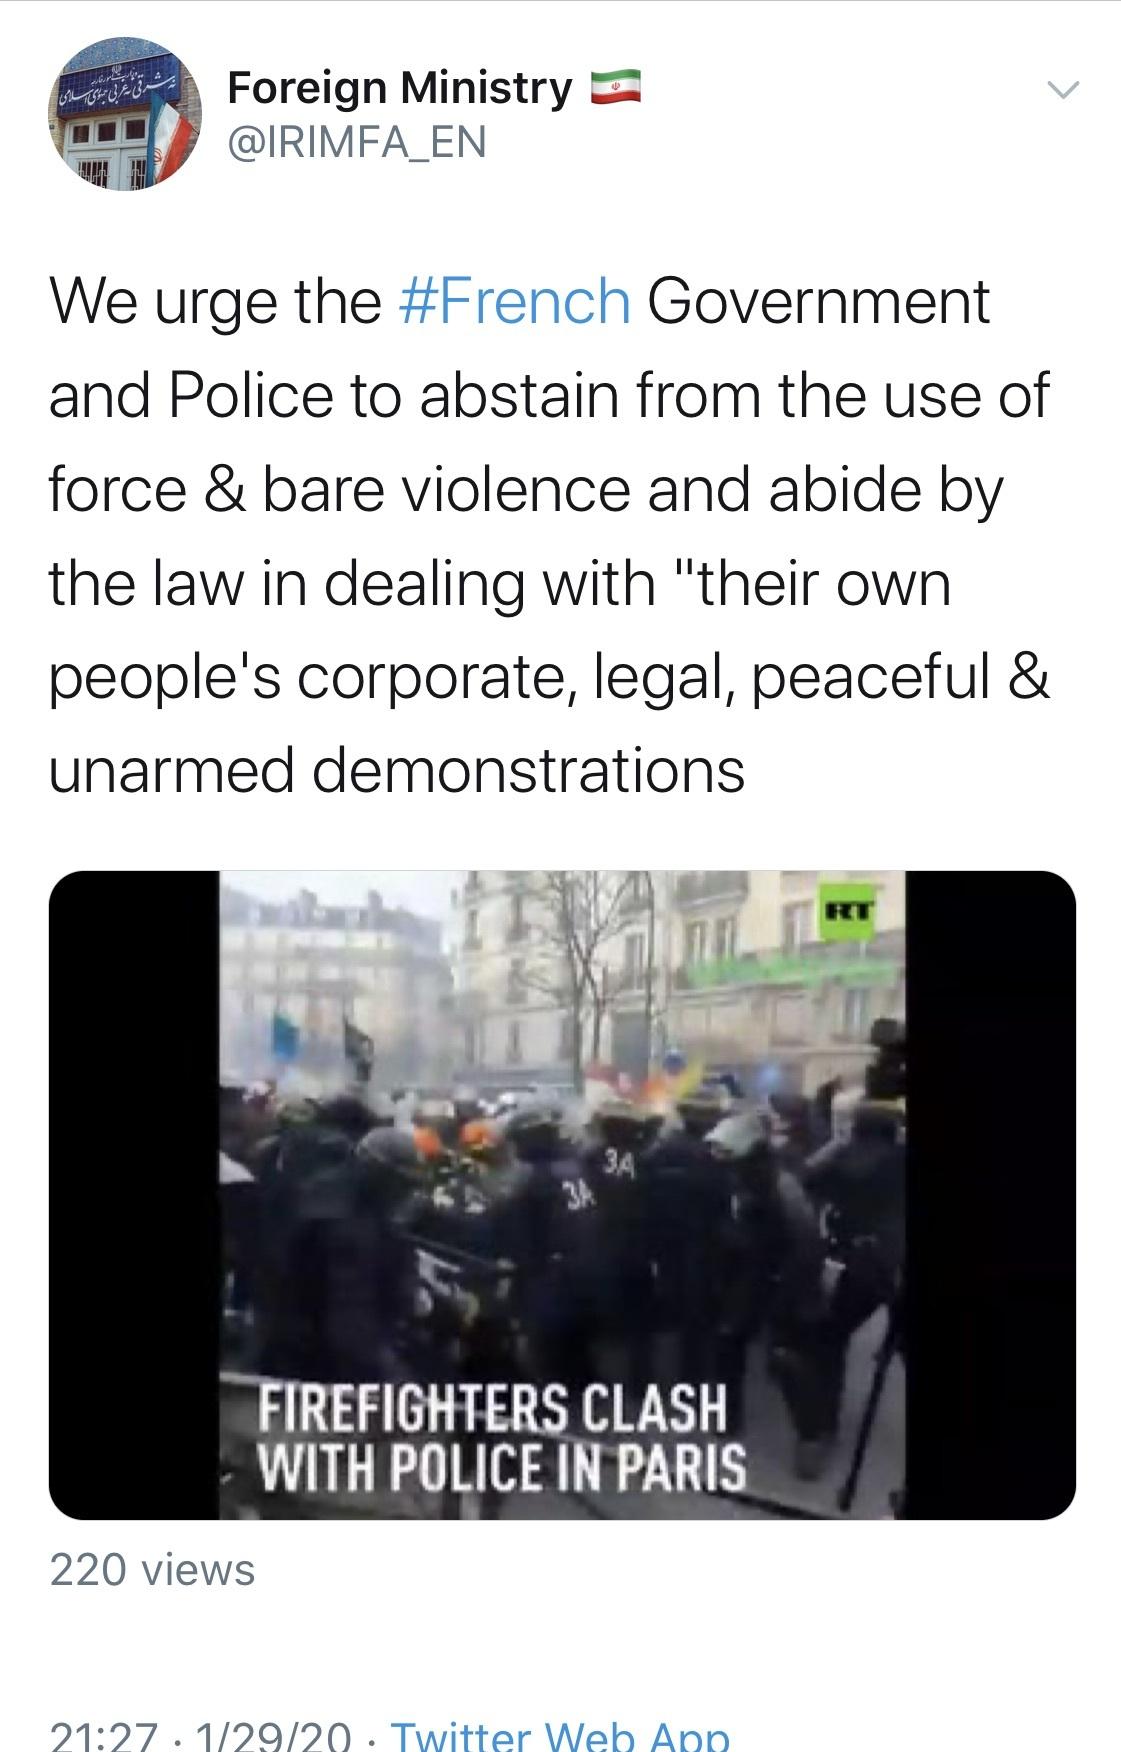 ایران پلیس فرانسه را به خودداری از خشونت فراخواند